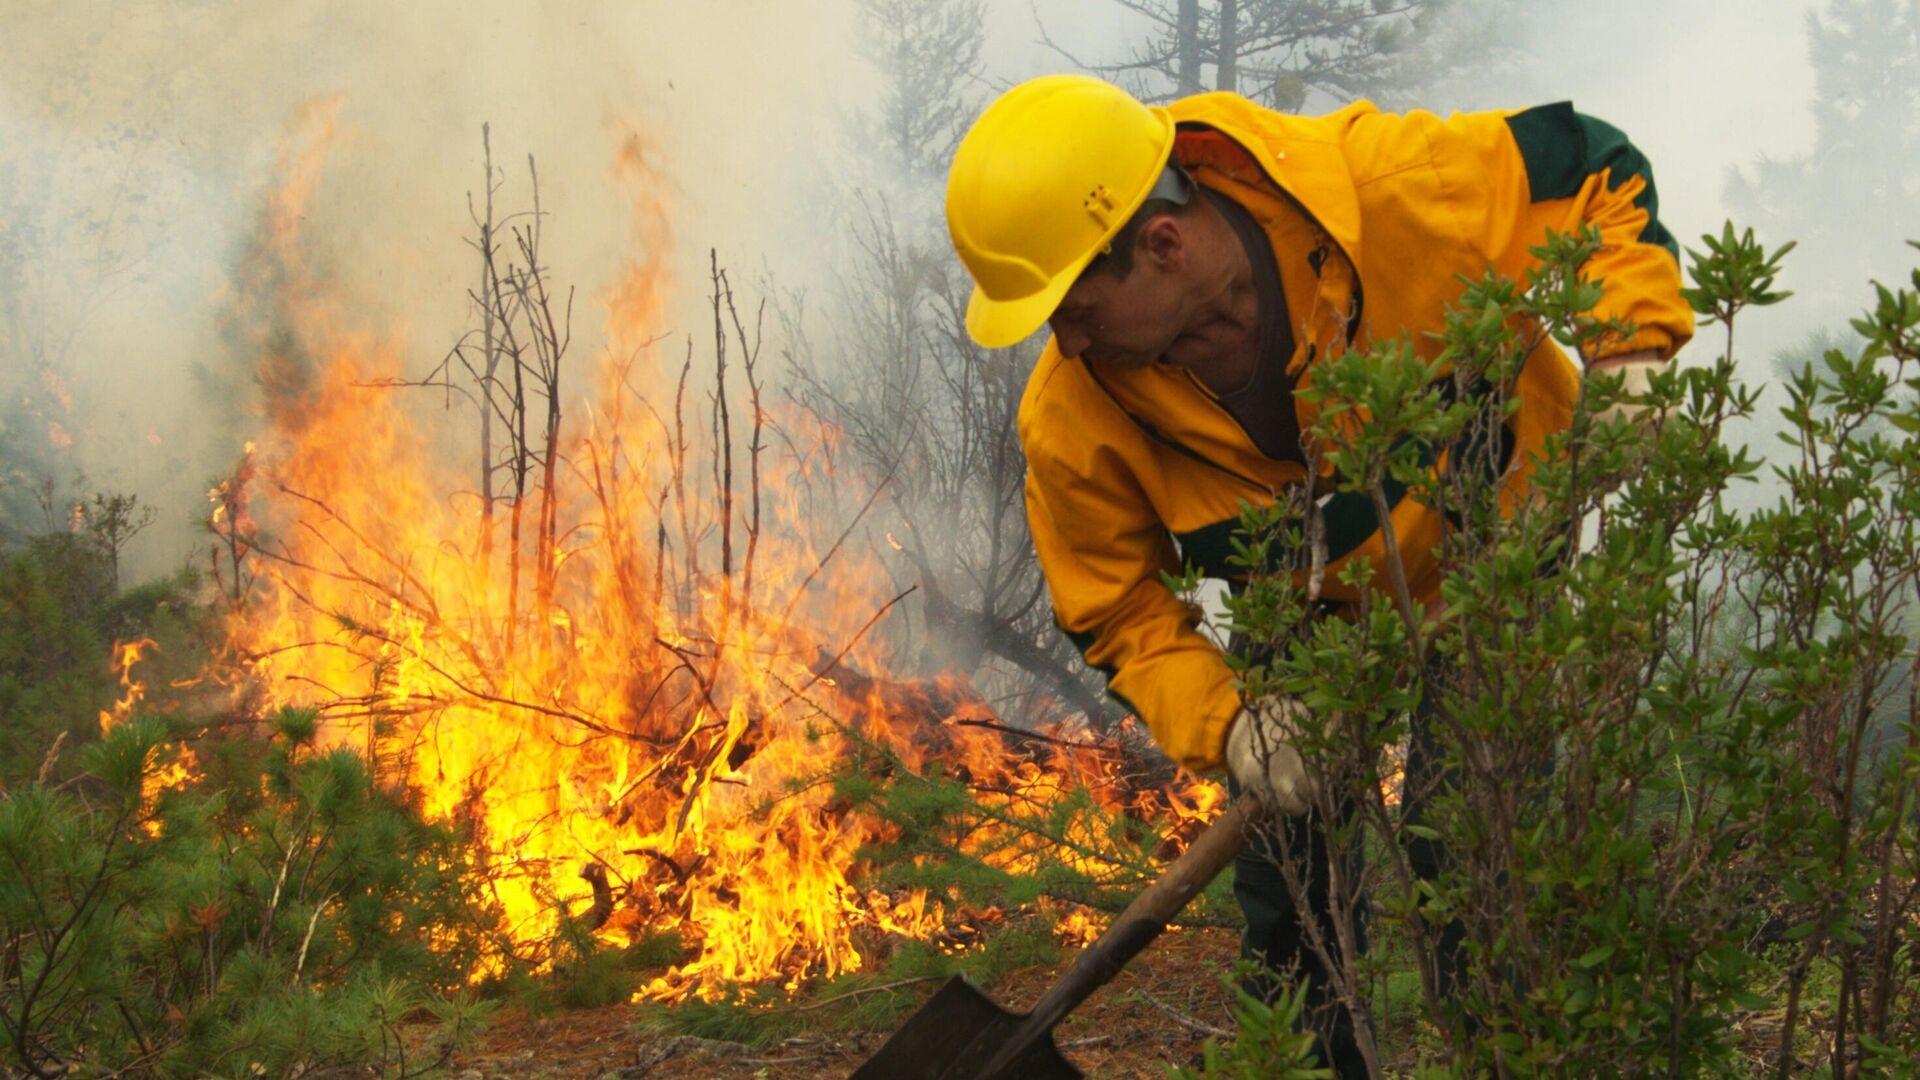 Сотрудник Авиалесоохраны проводит противопожарные мероприятия для препятствия распространению лесных пожаров в Якутии - РИА Новости, 1920, 31.07.2021